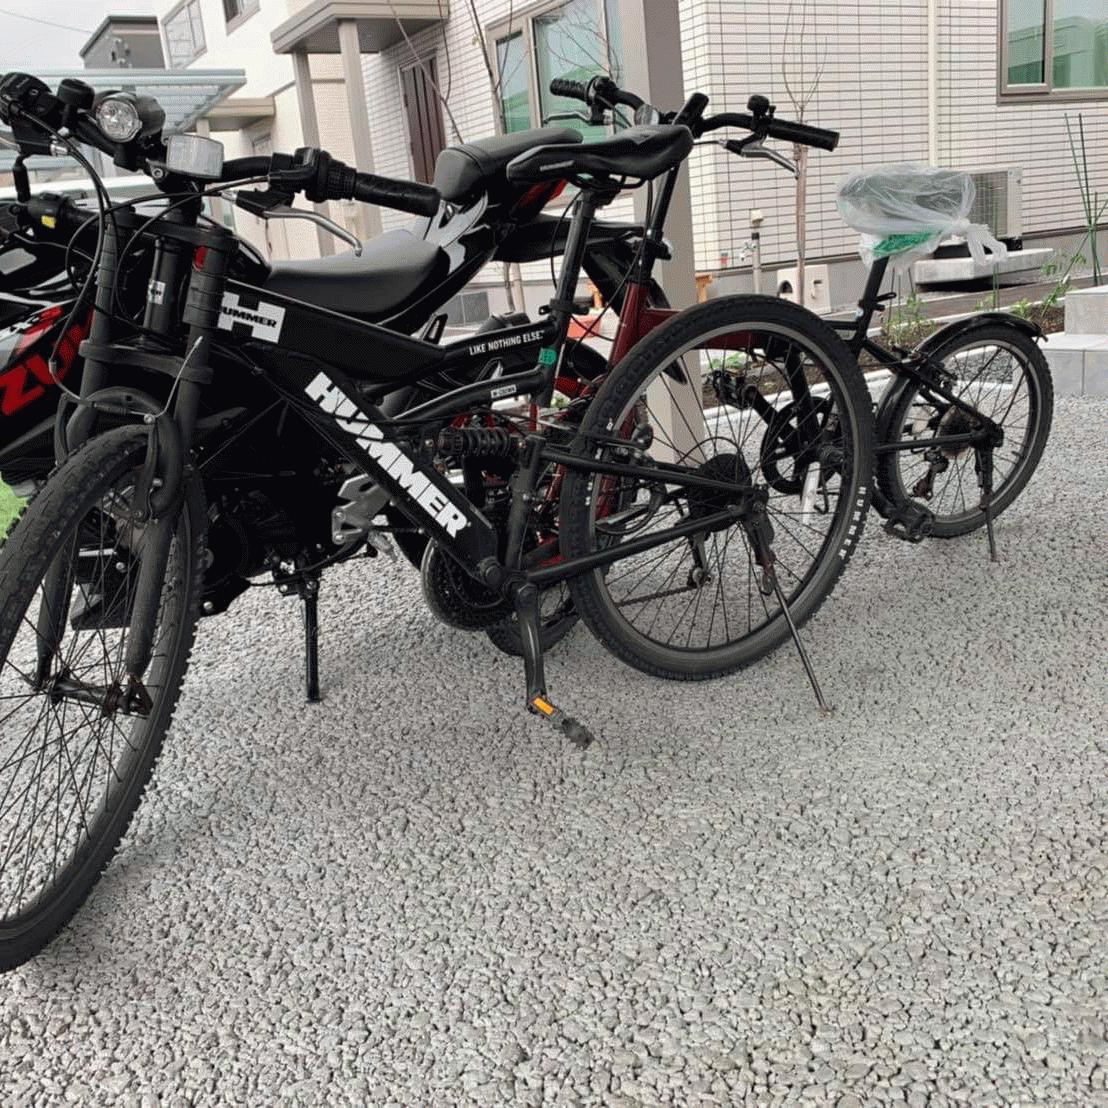 【北海道】「なぜ、バイクスタンドがめり込まないのか?」大世紀生コン・タケザワウォール